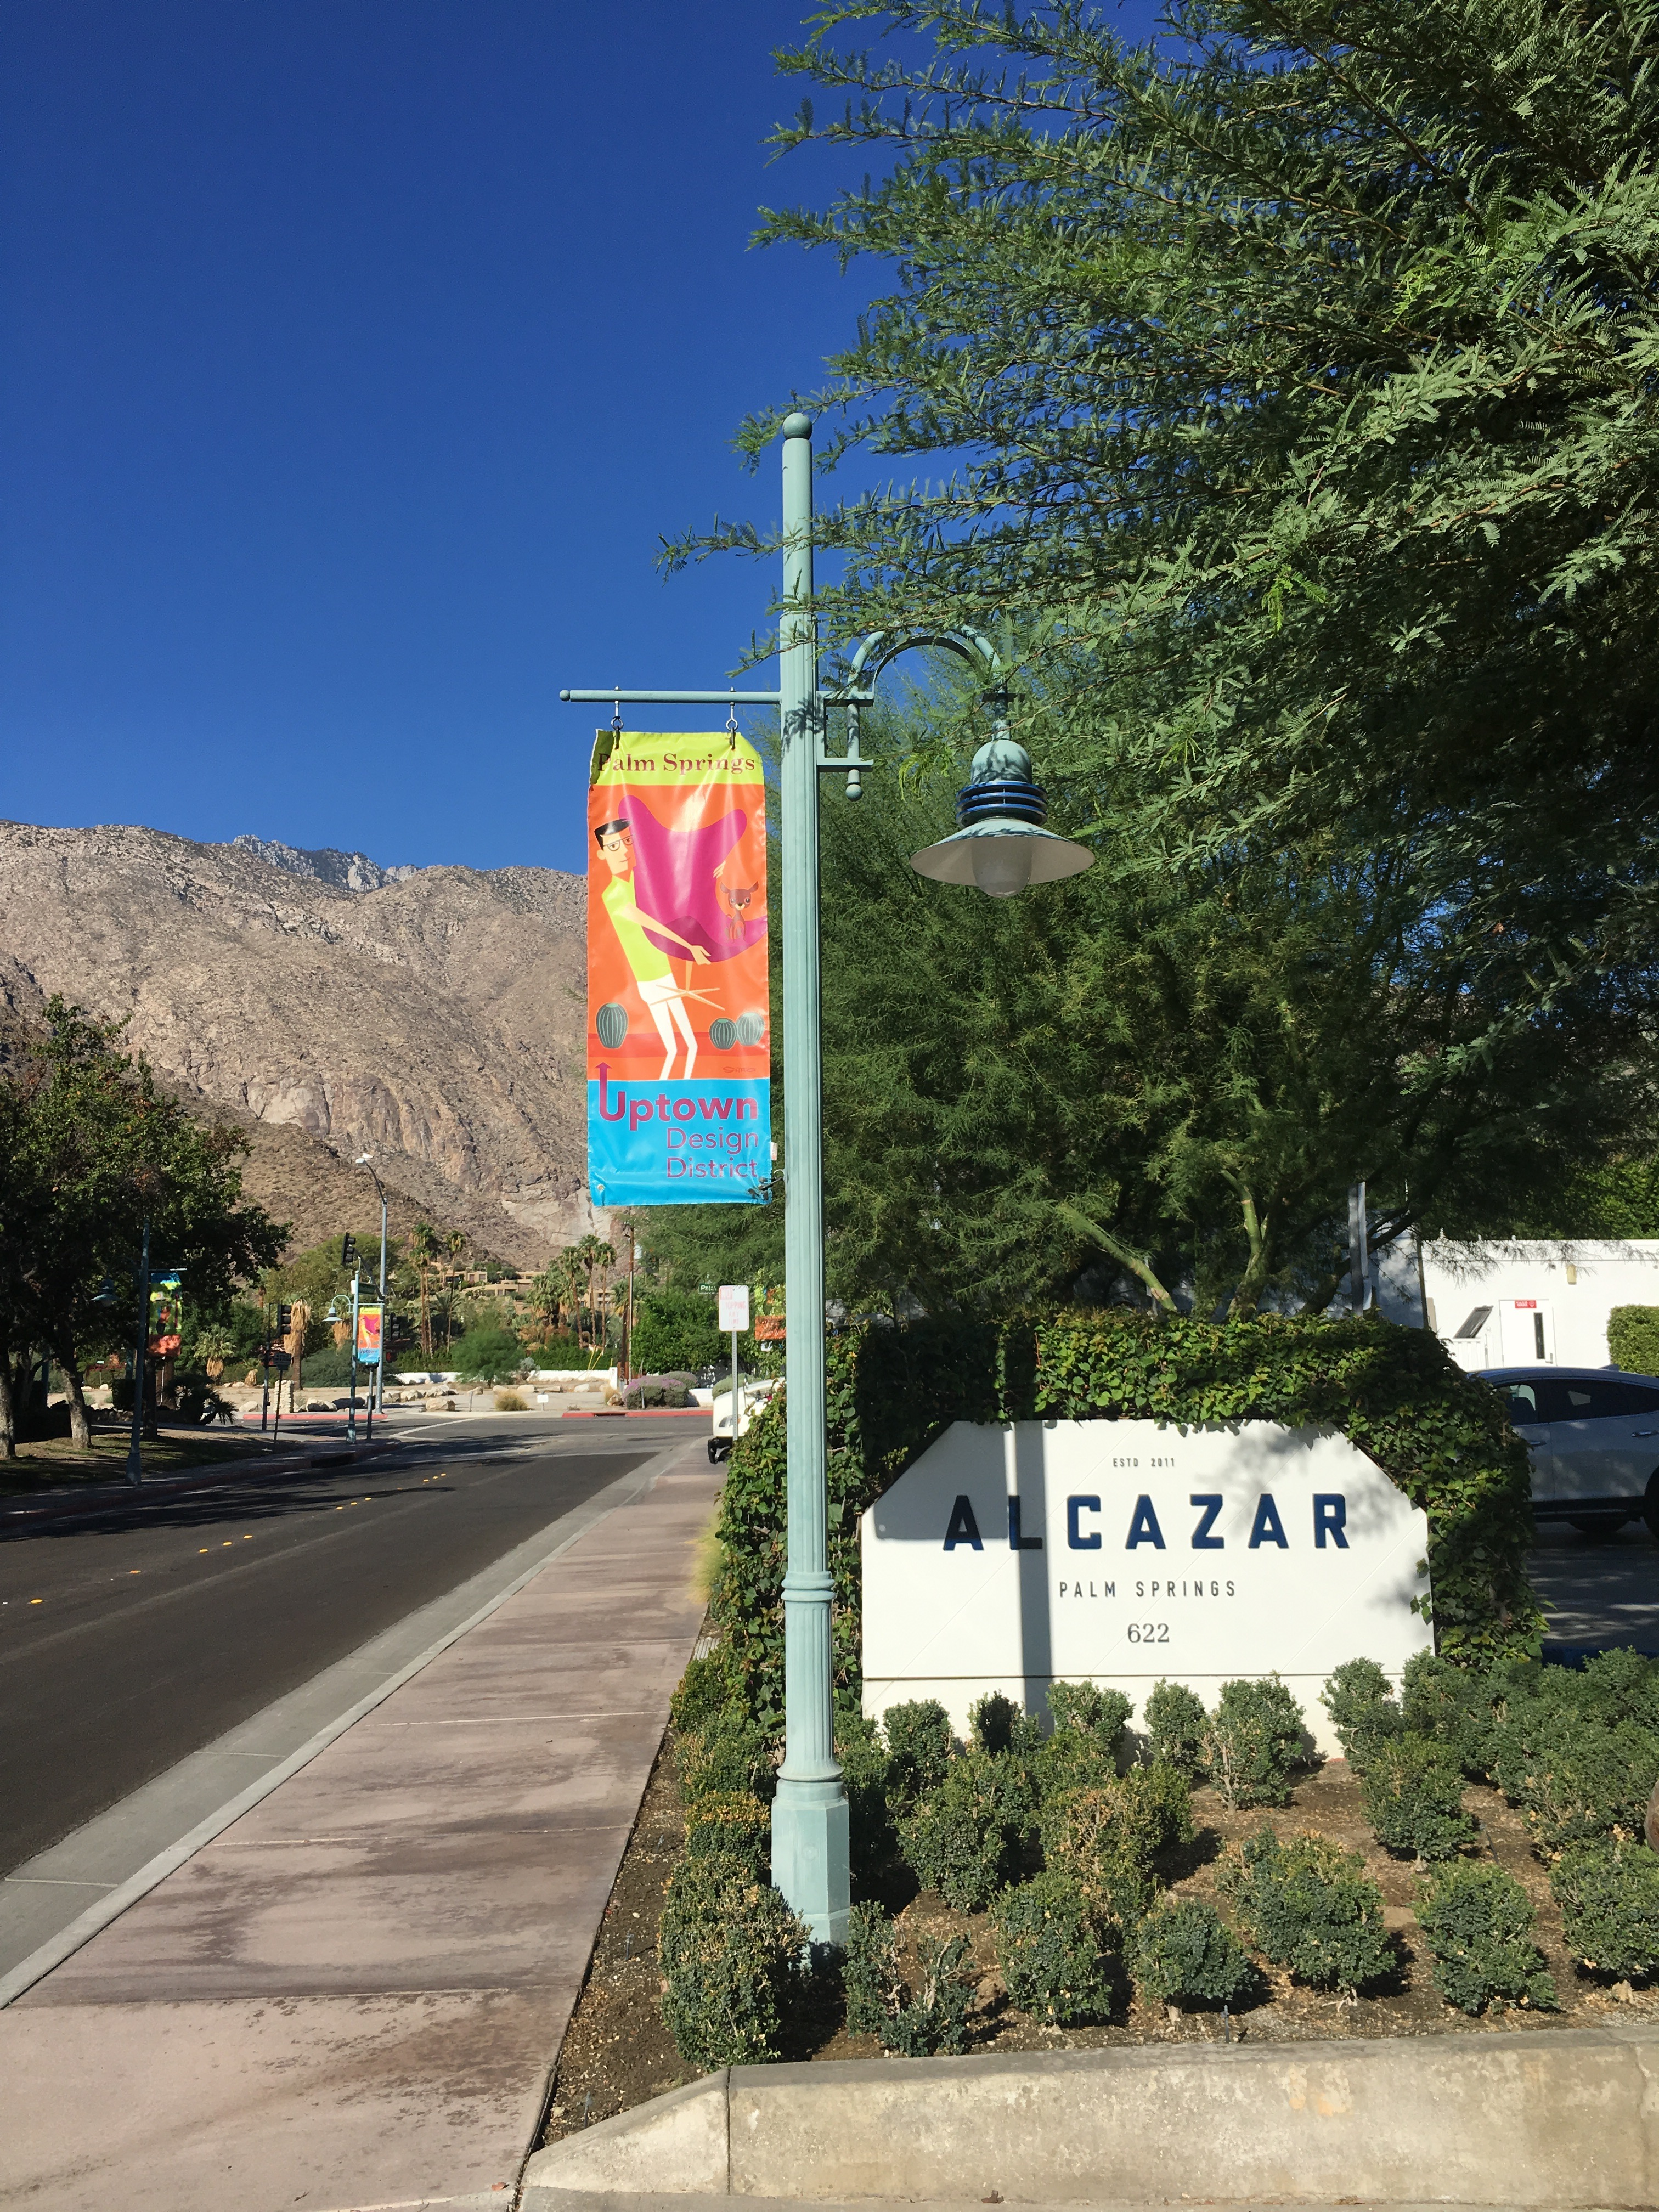 Palm Springs Alcazar